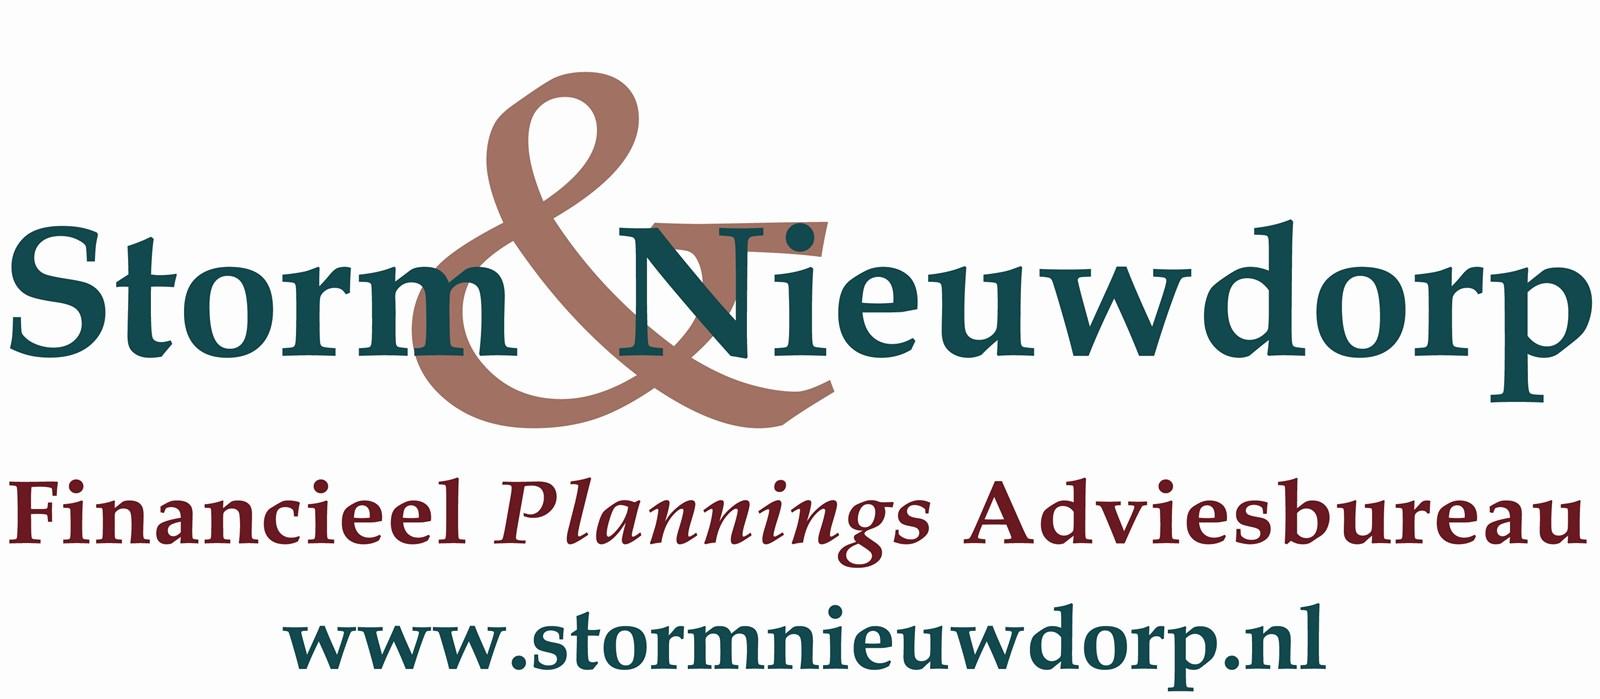 Logo van Storm & Nieuwdorp Financieel Plannings